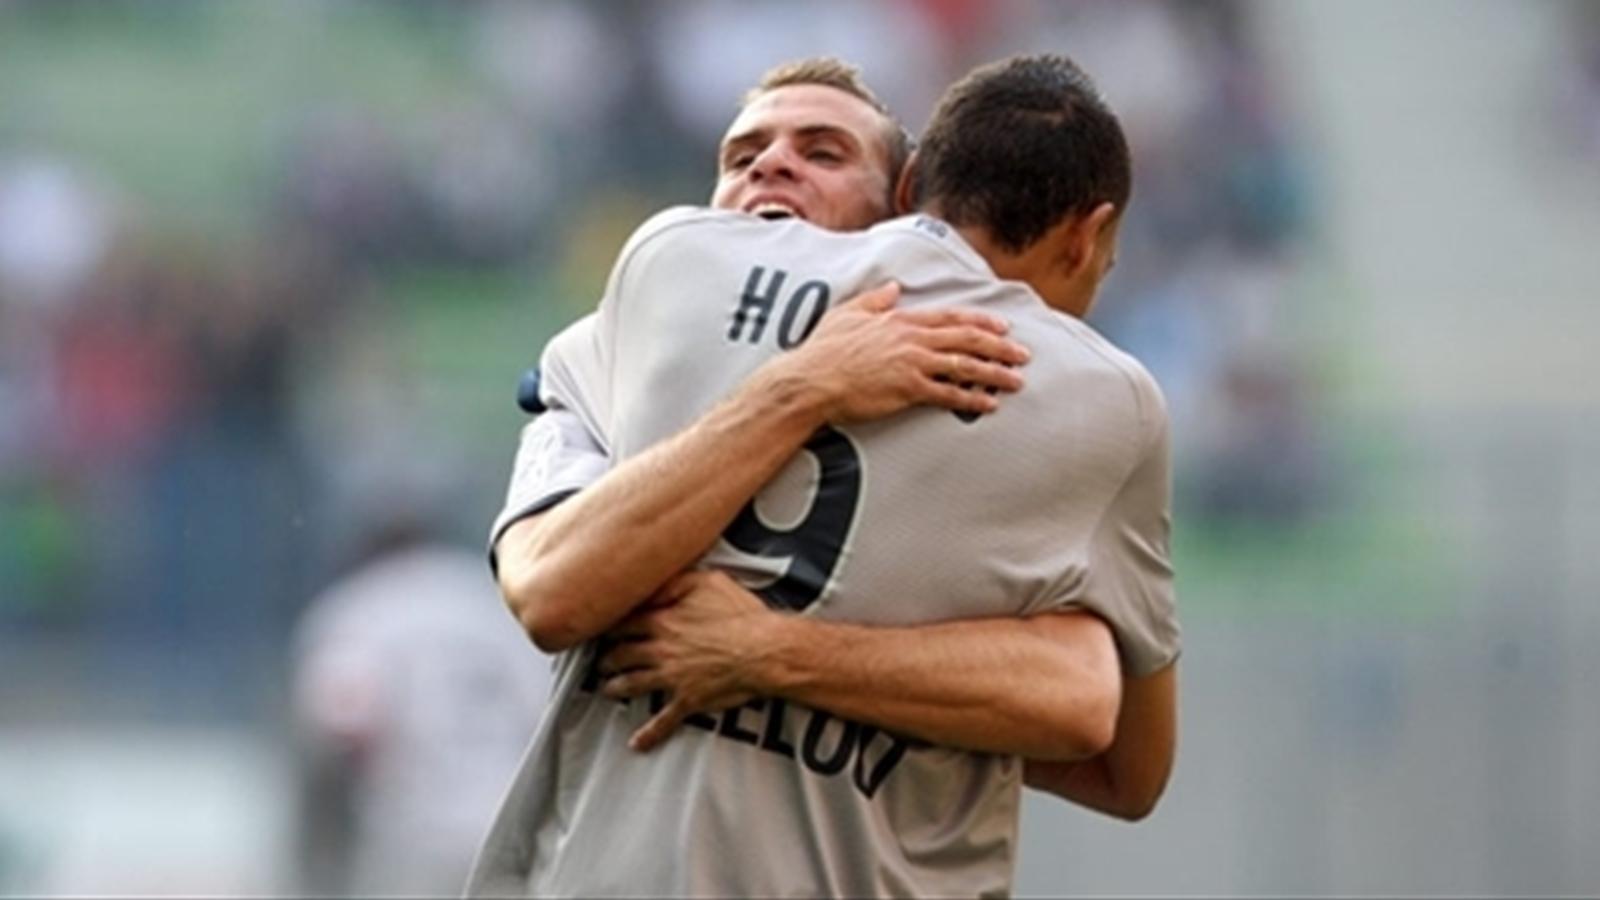 Hoarau retour gagnant ligue 1 2008 2009 football eurosport - Gagnant coupe de la ligue ...